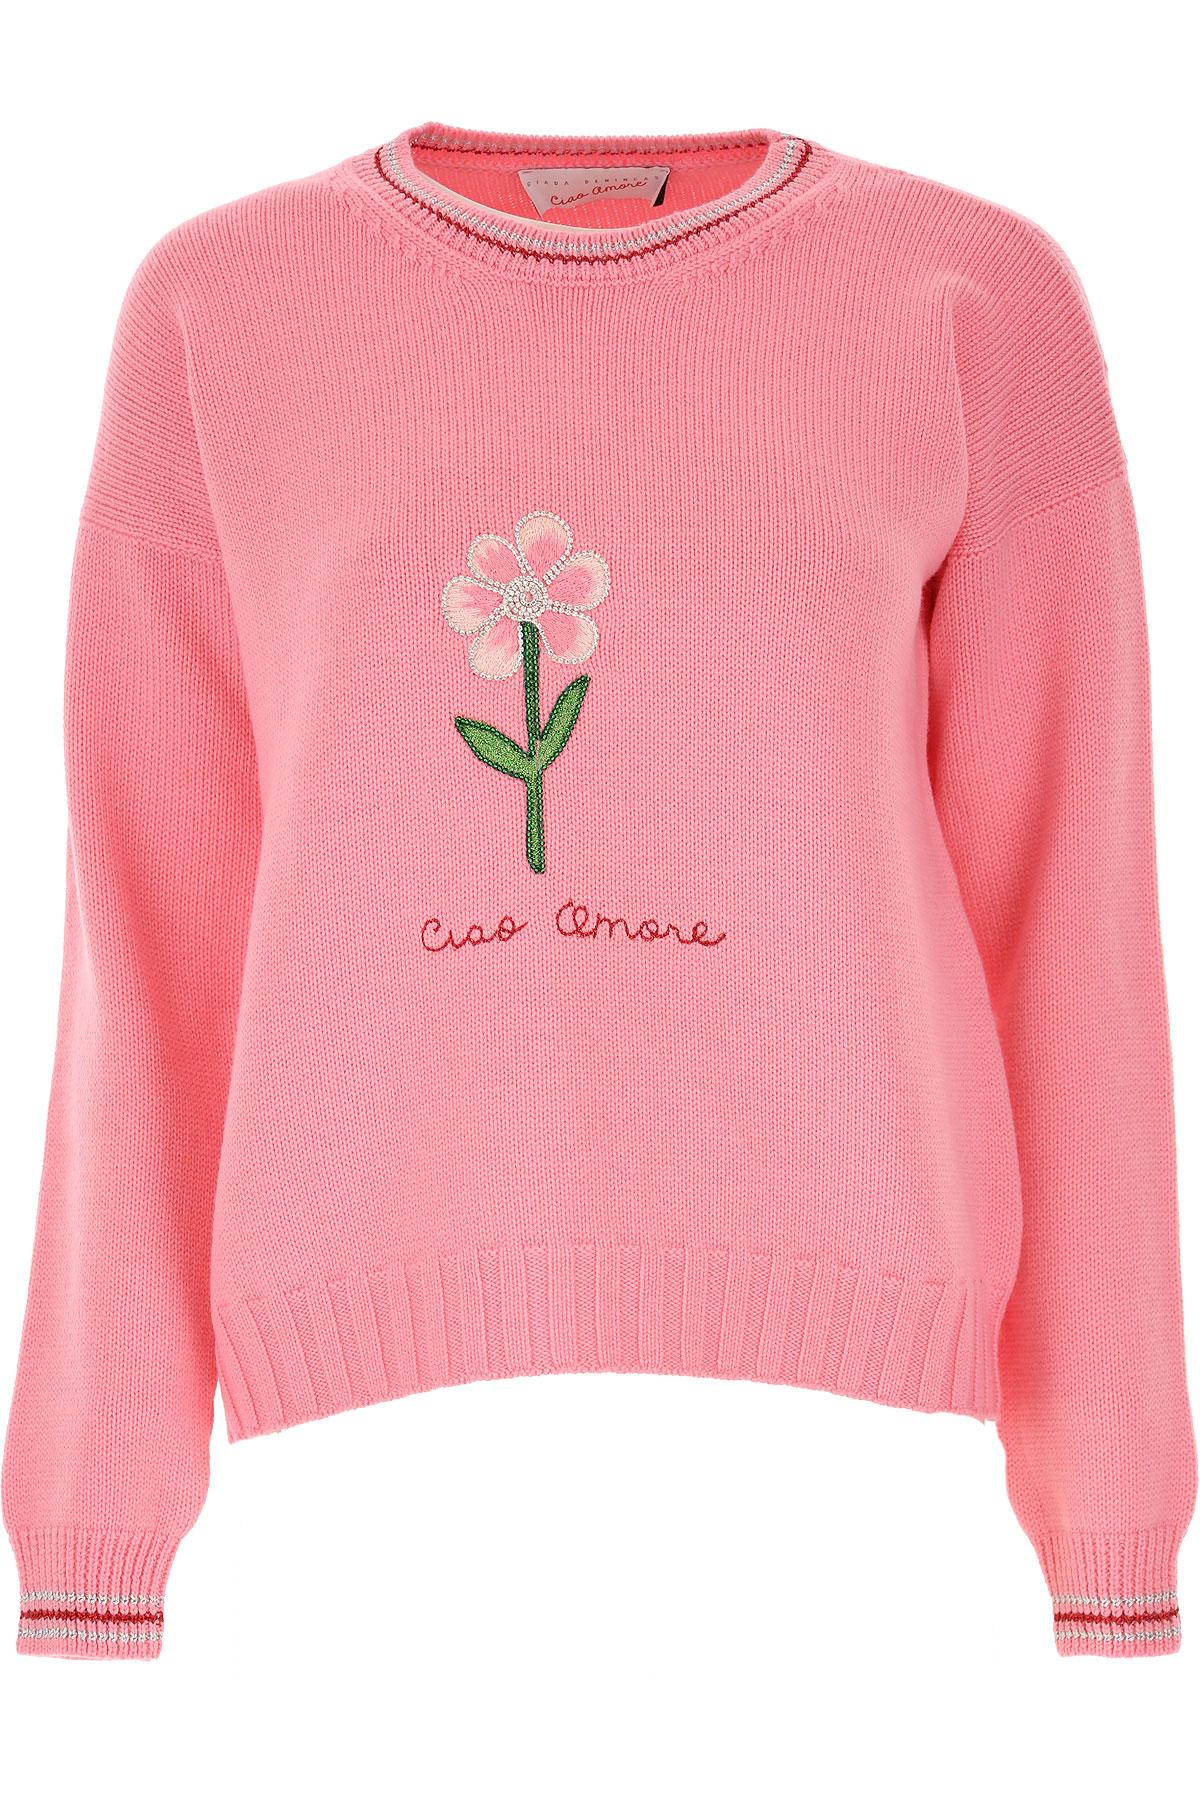 Giada Benincasa Pull Femme, Rose, Laine, 2019, 40 44 M